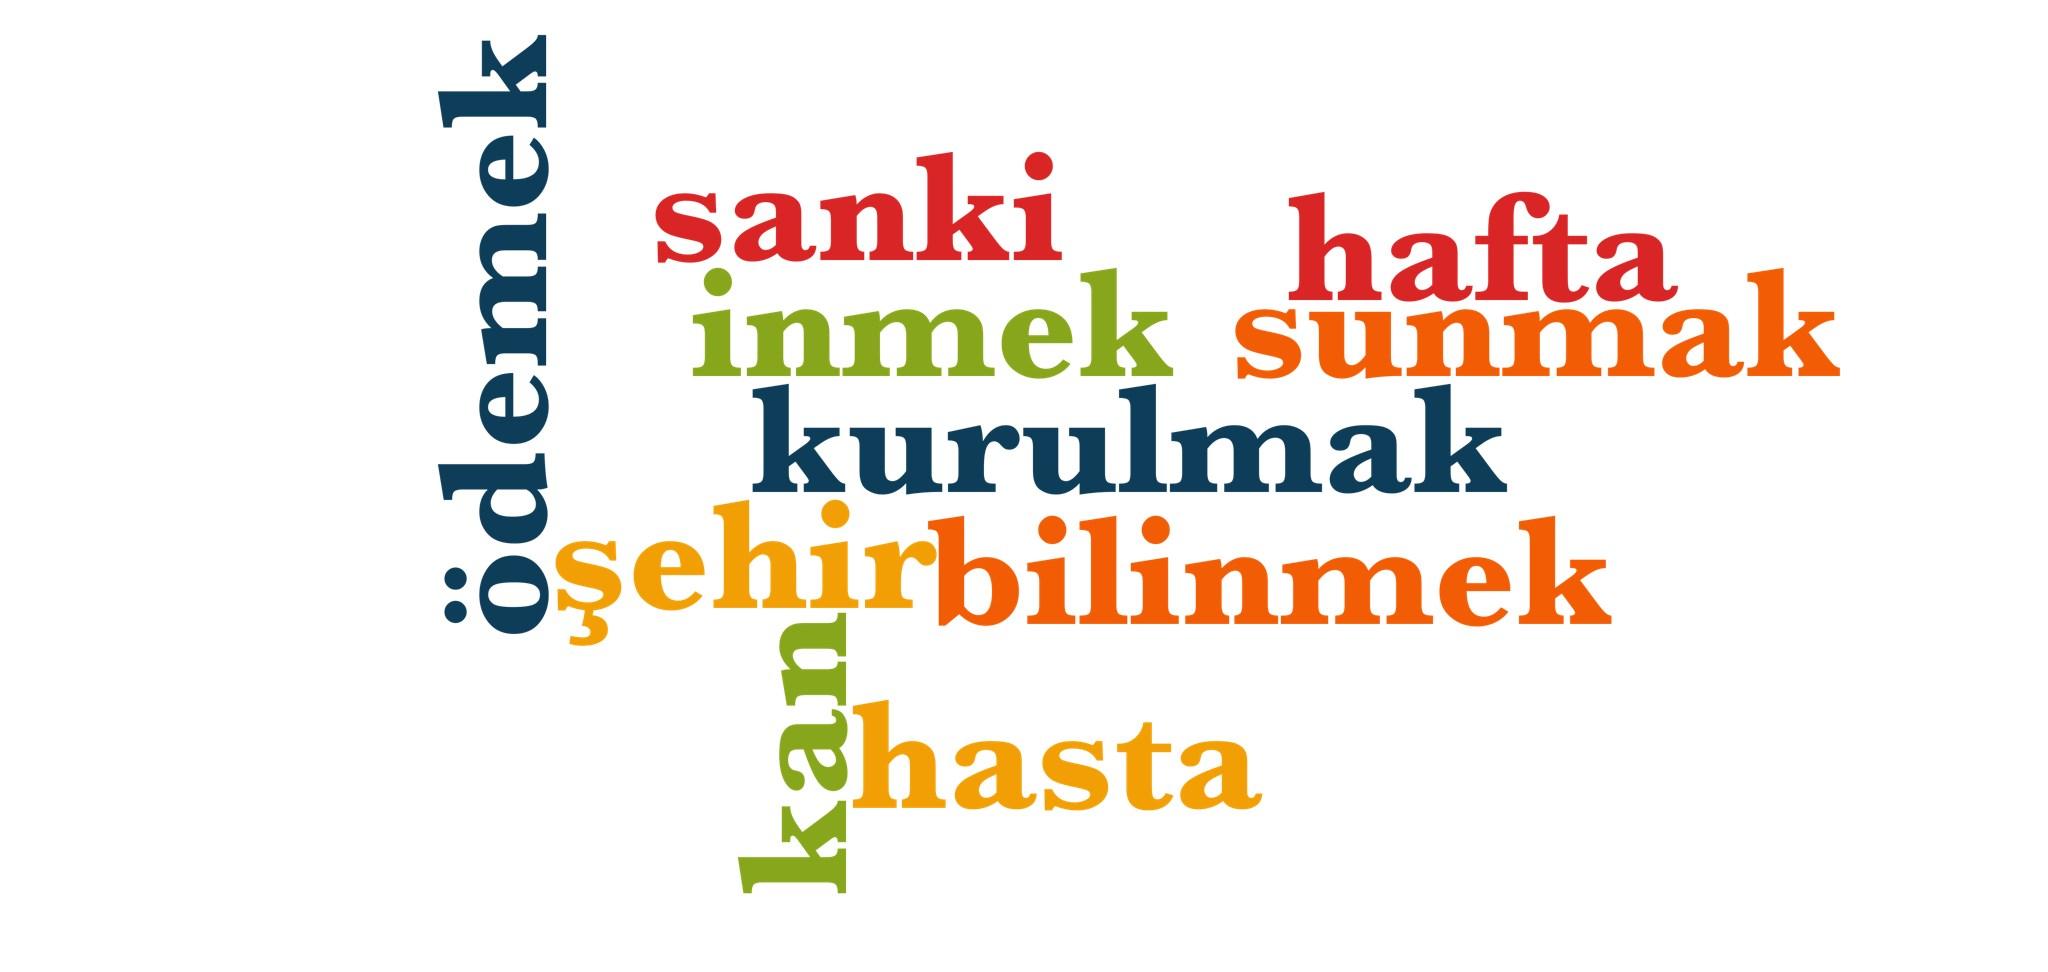 Wörter 411 bis 420 der 1000 häufigsten Wörter der türkischen Sprache